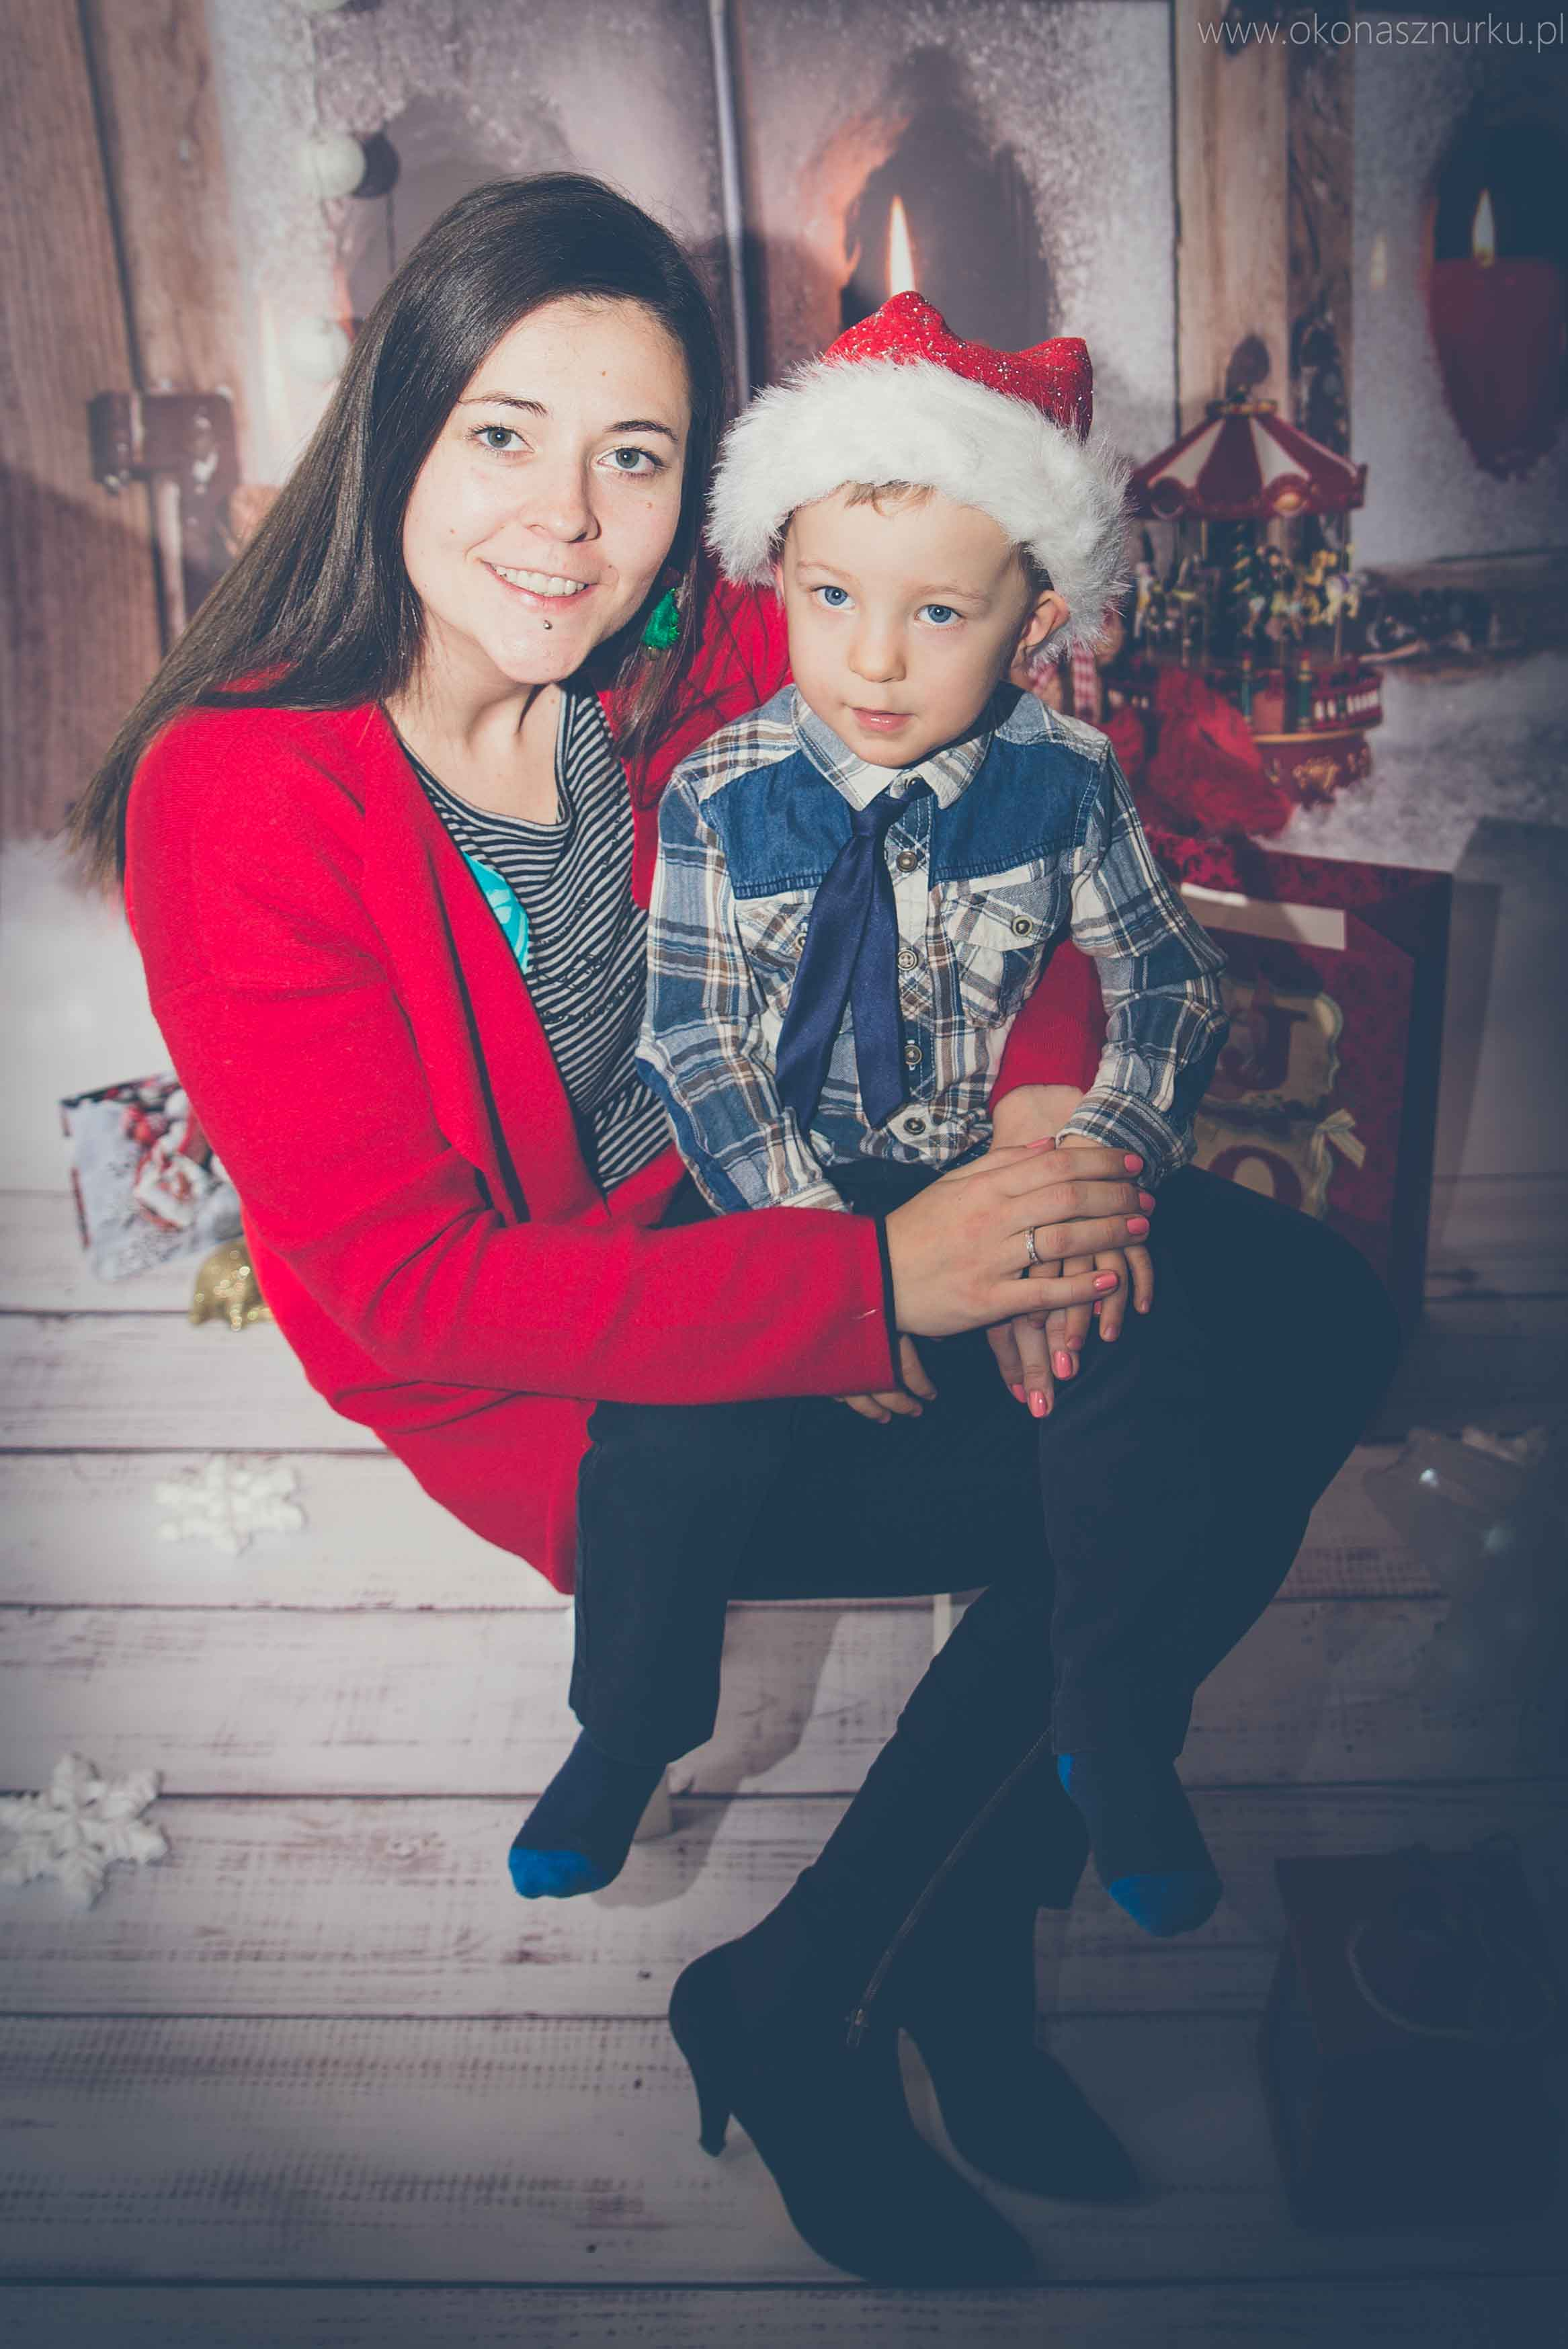 sesja świąteczna fotograficzna dziecka rodziny (6)